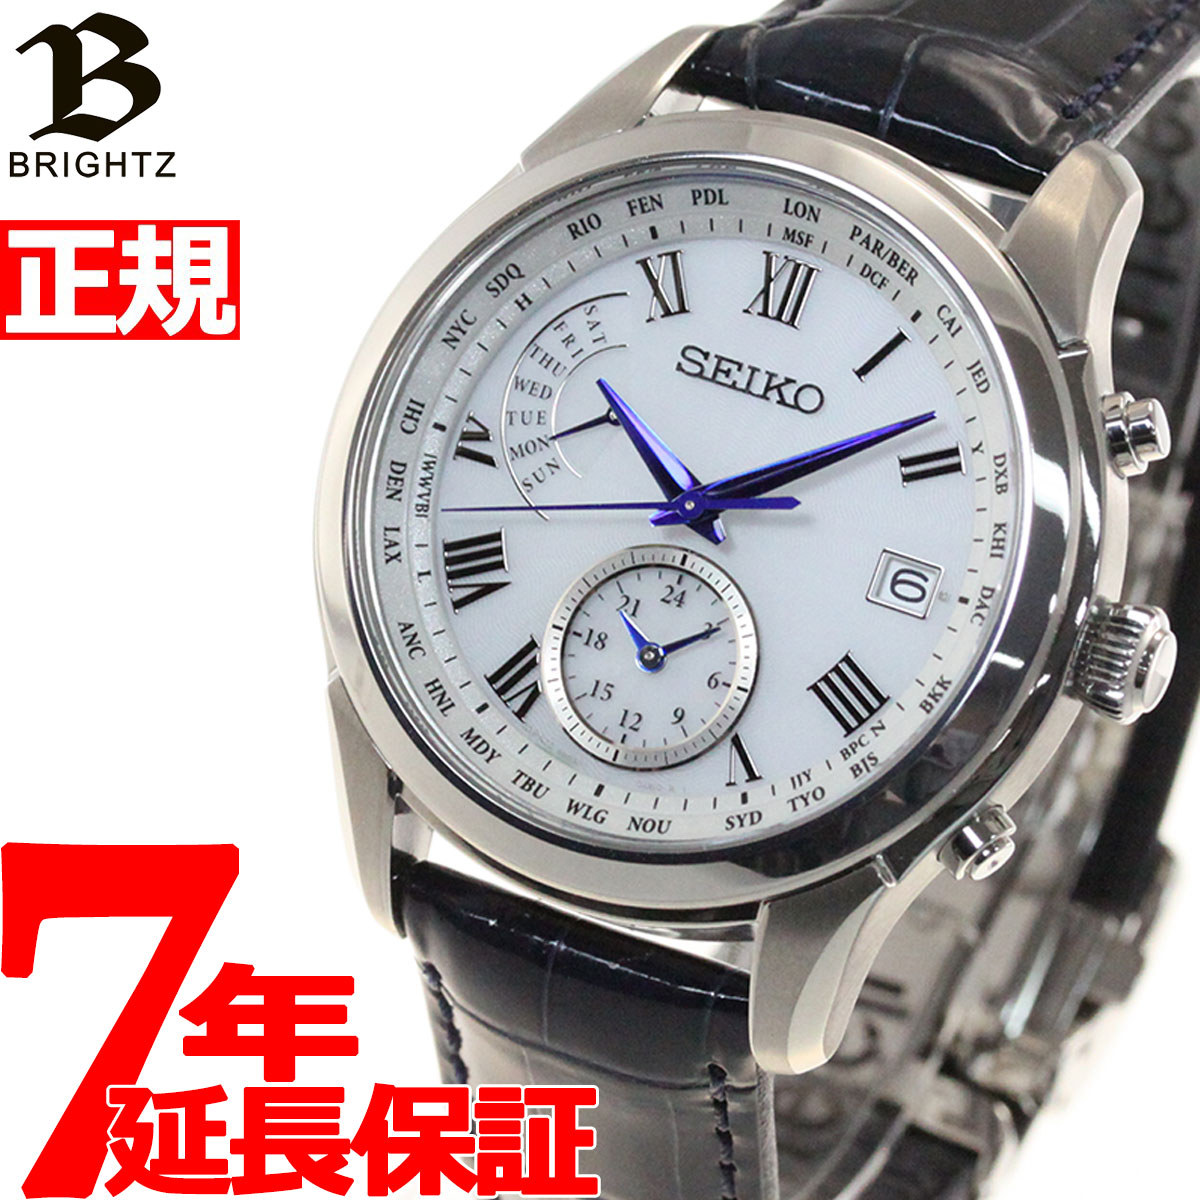 腕時計, メンズ腕時計 18037182359 SEIKO BRIGHTZ SAGA3112020